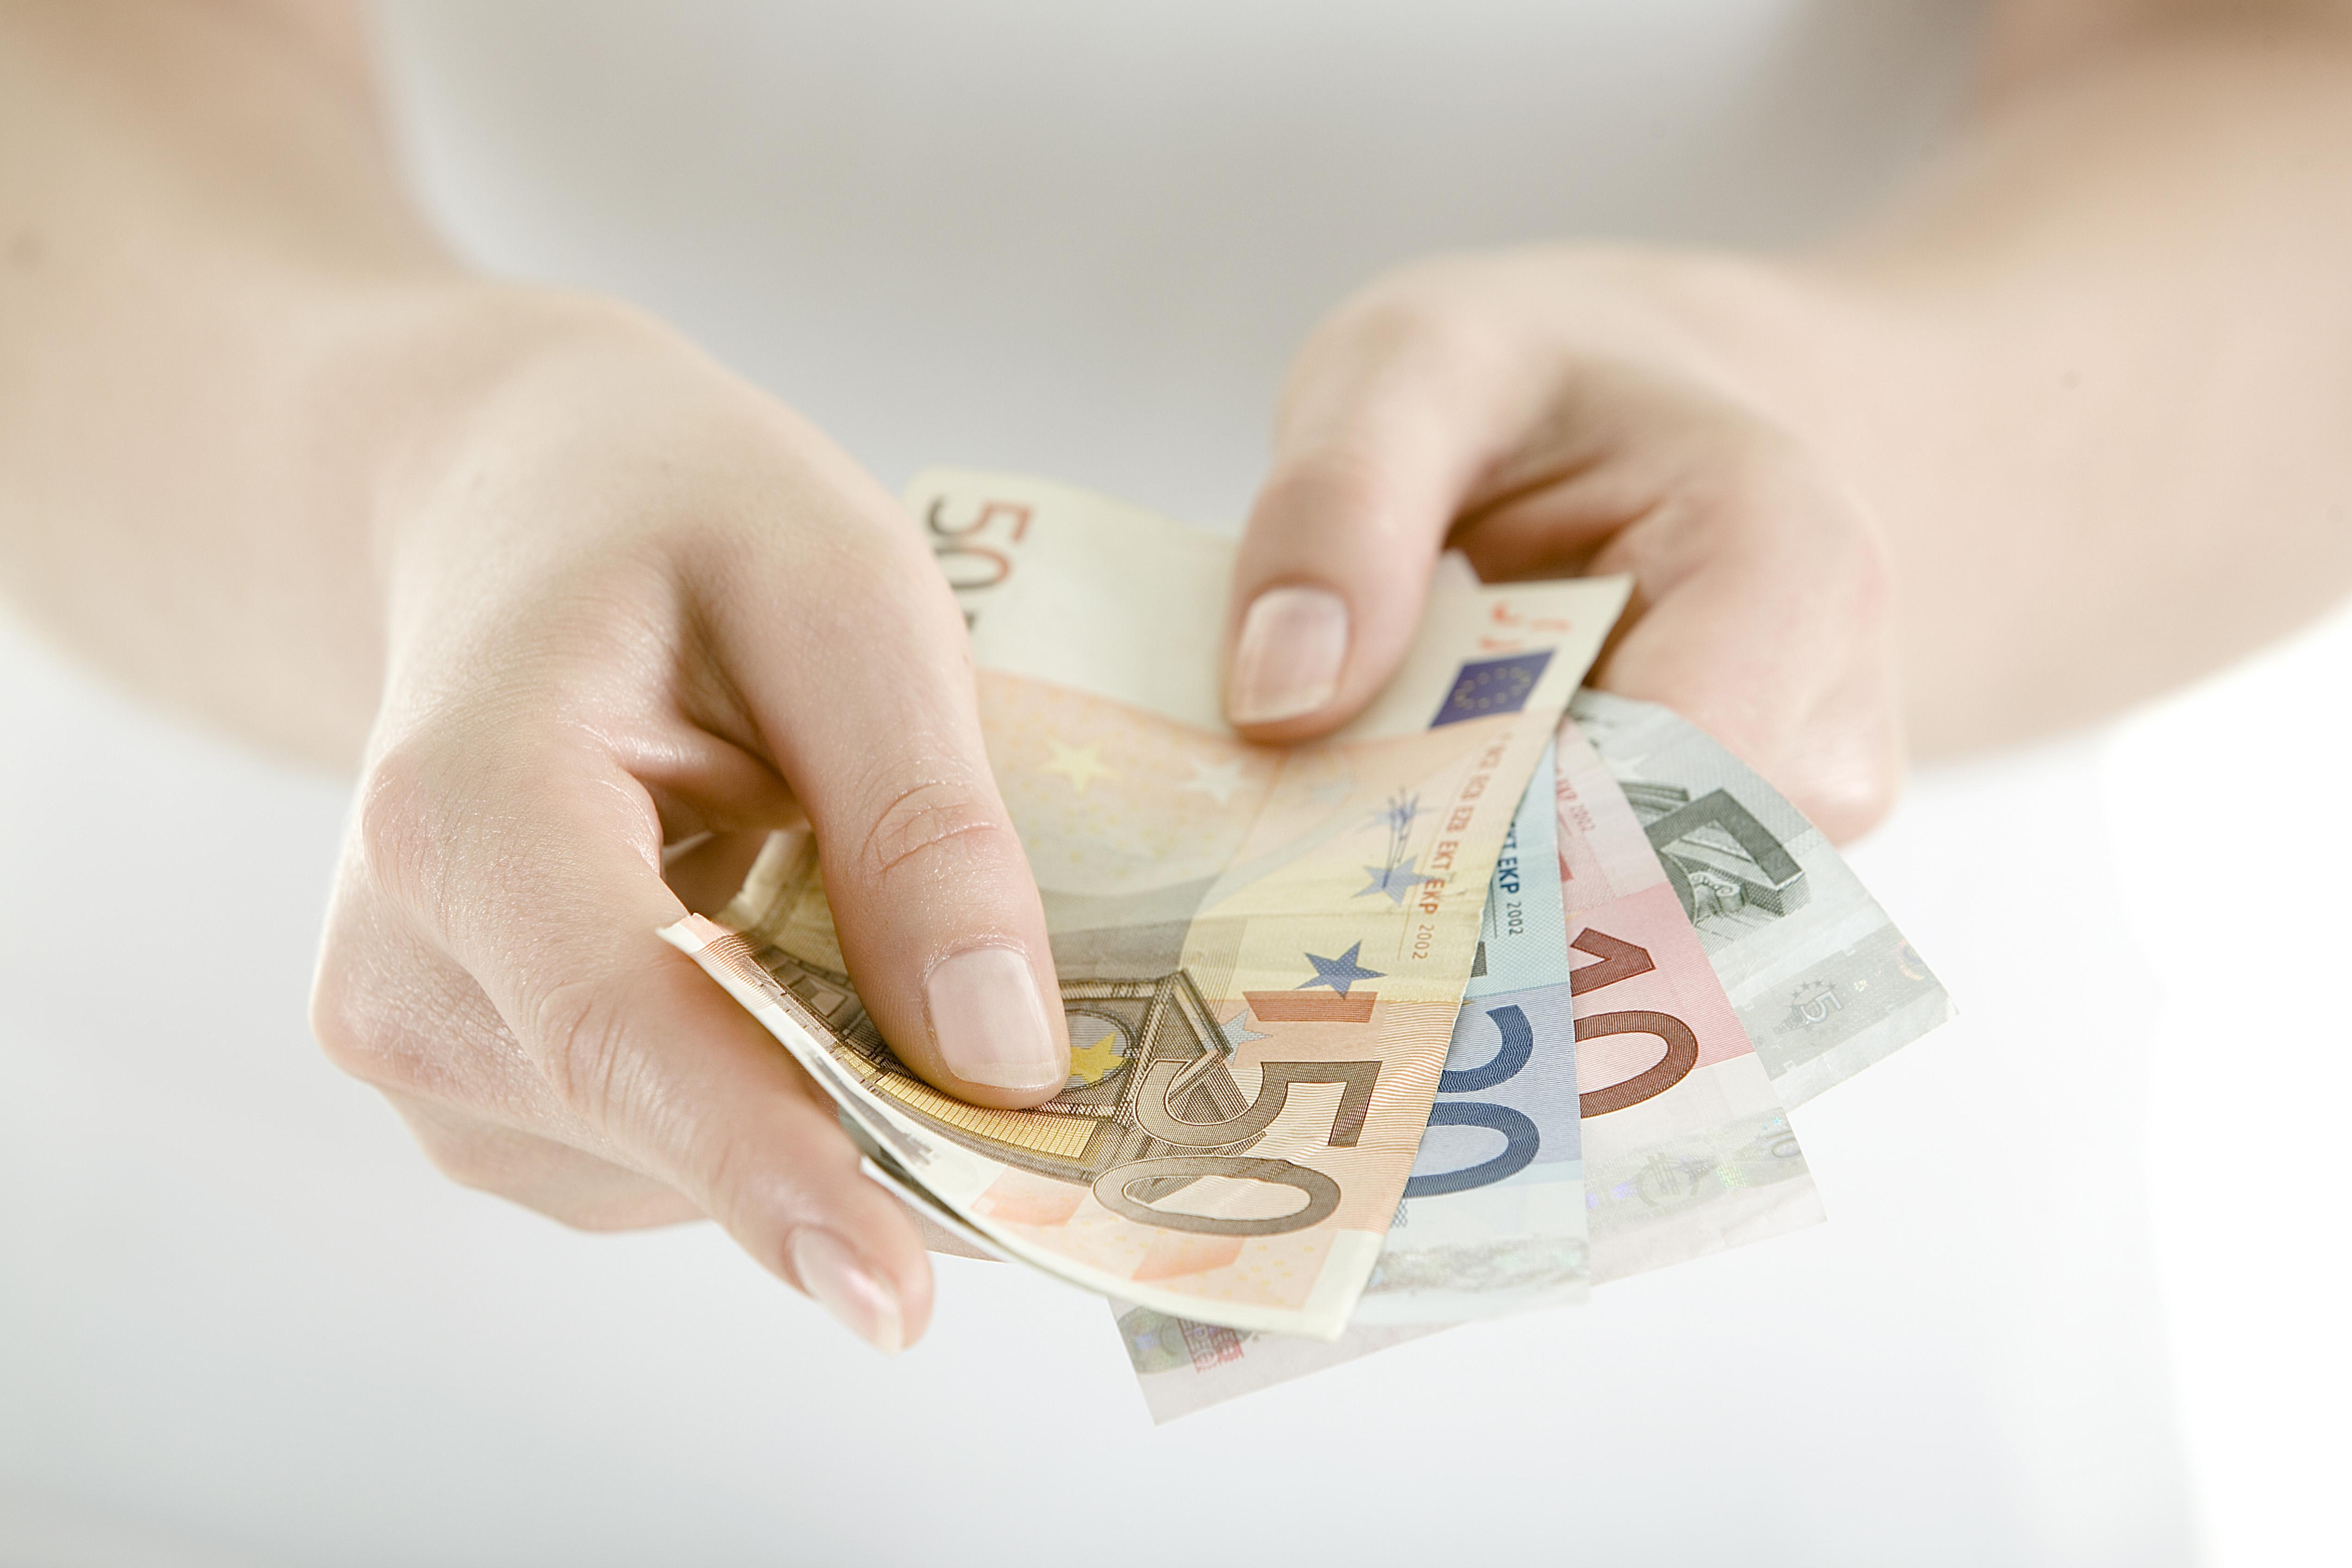 Mi casero no me devuelve la fianza, ¿Qué puedo hacer?